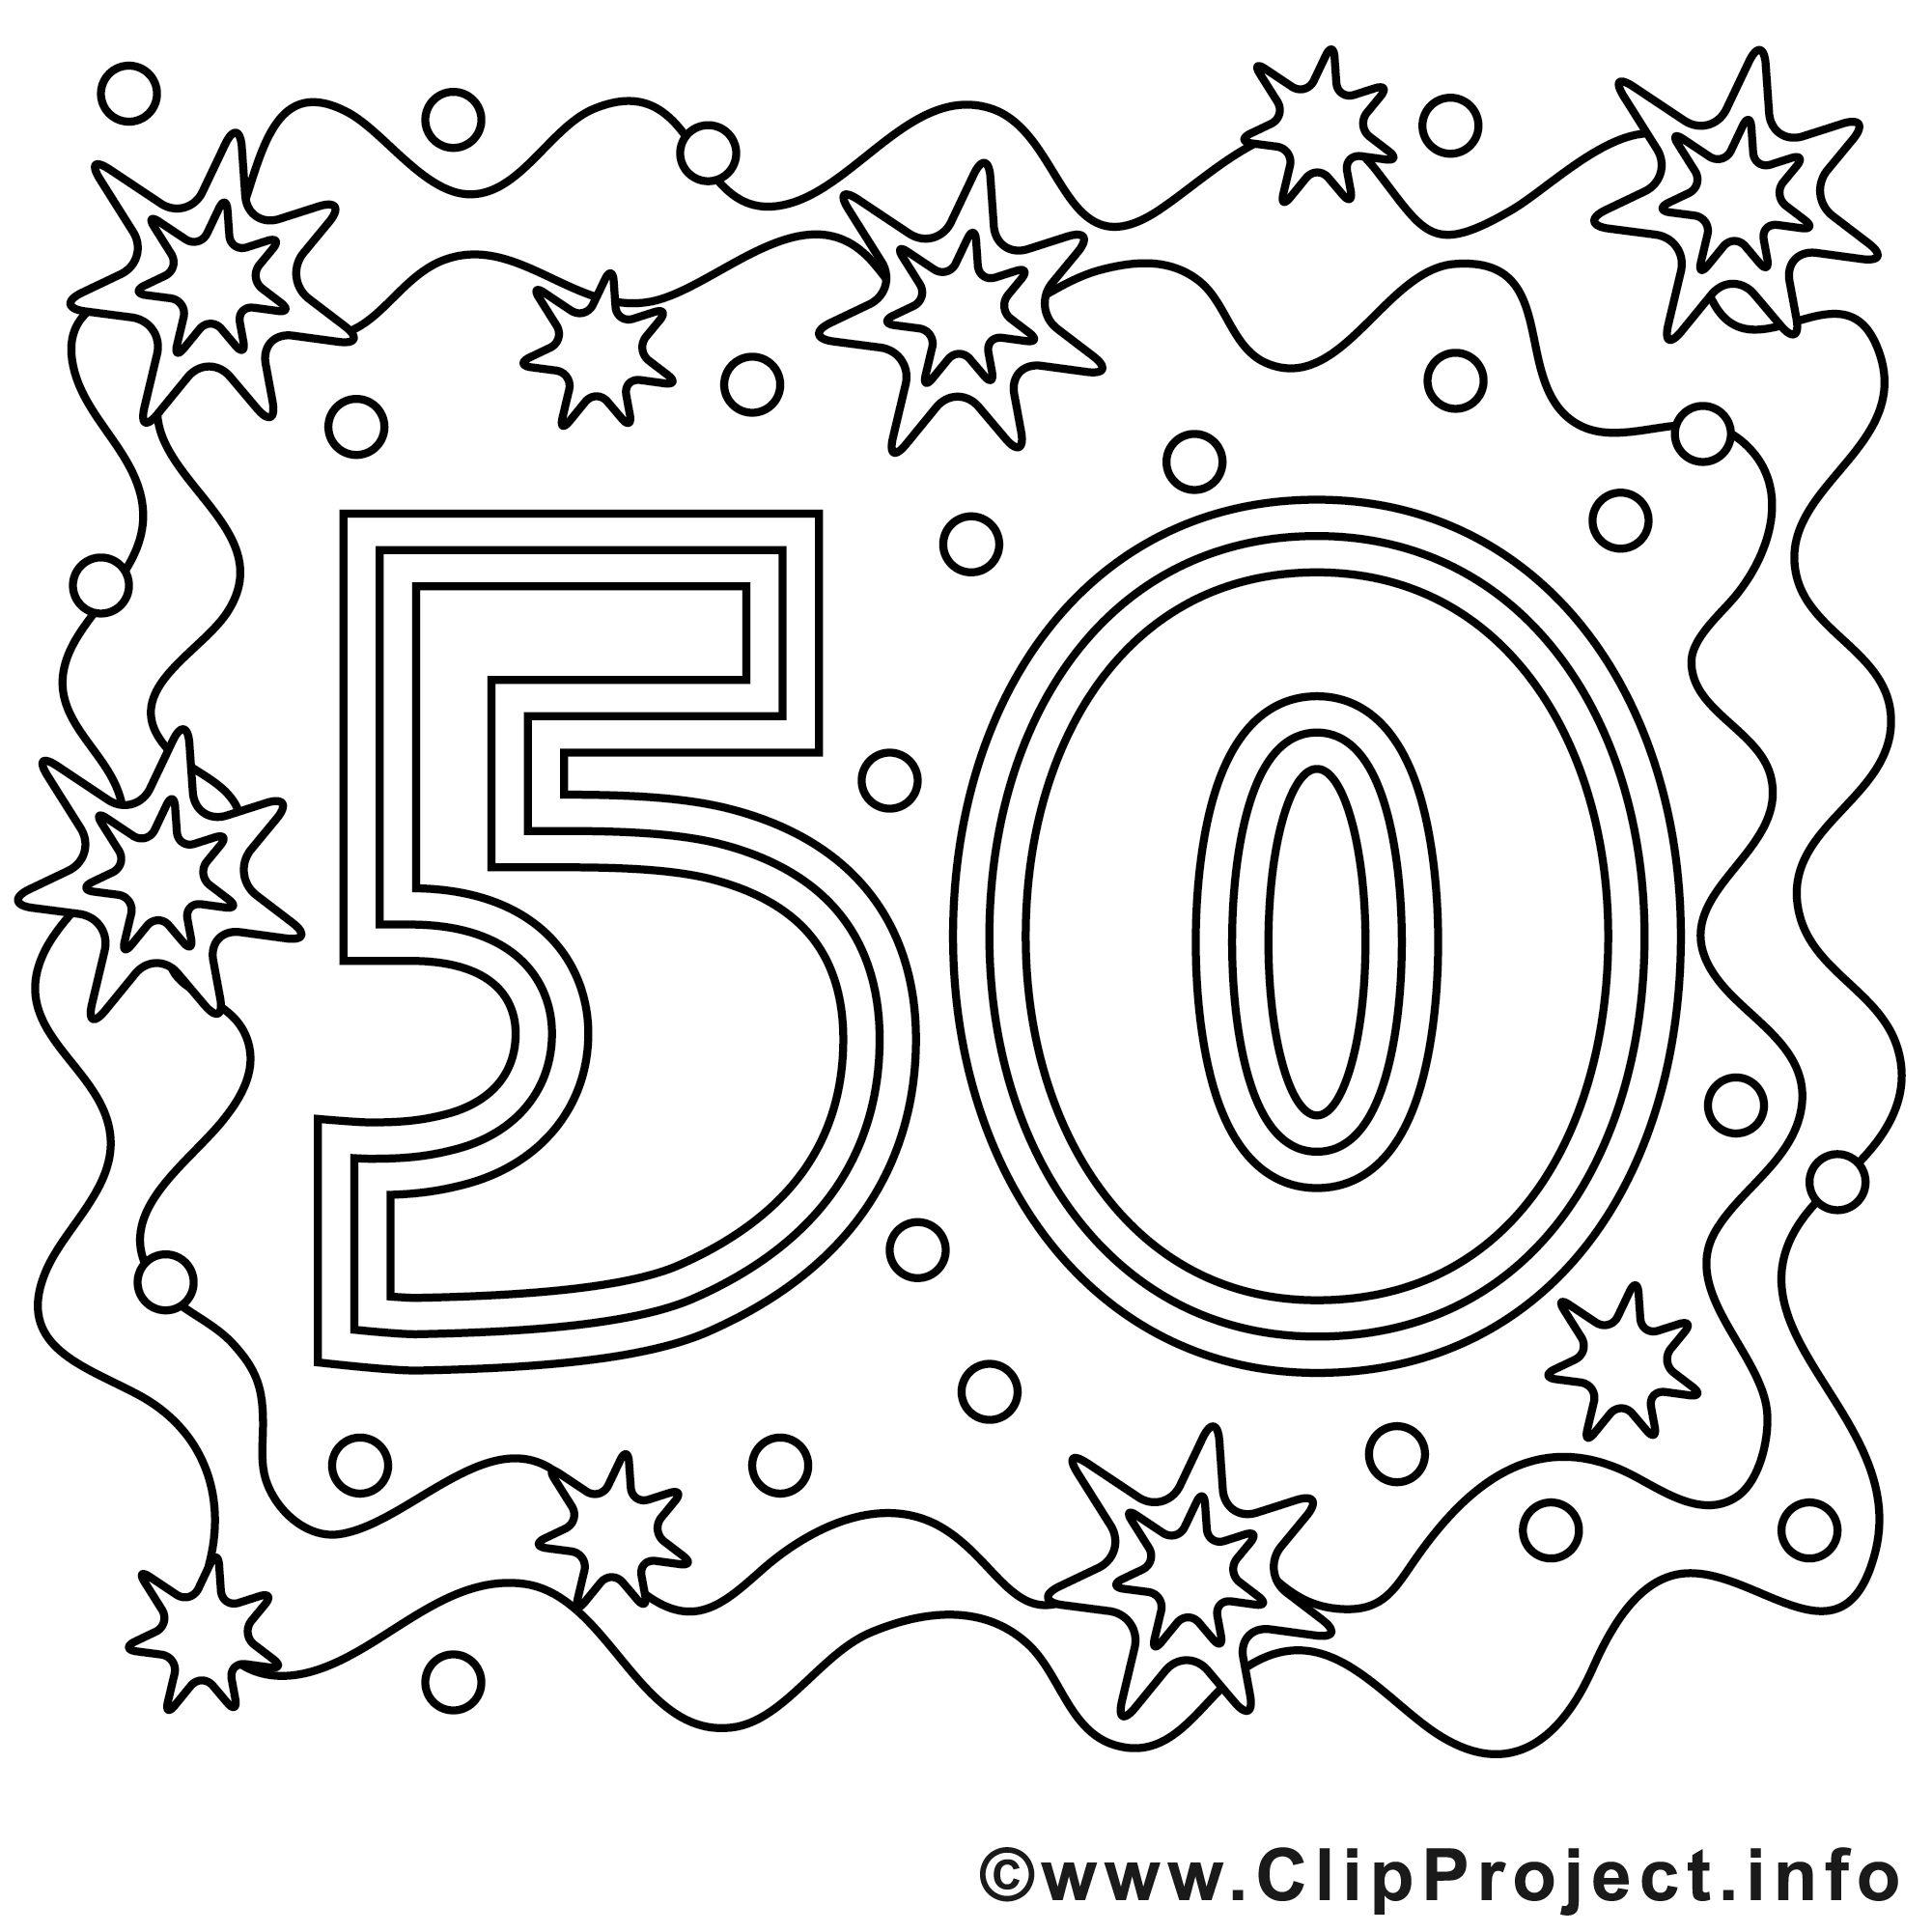 ausmalbilder 50 geburtstag um ✐ mehr als Seiten Sie für einen Spaß zu färben ausmalbilder 50 geburtstag kostenlos ausmalbilder 50 geburtstag